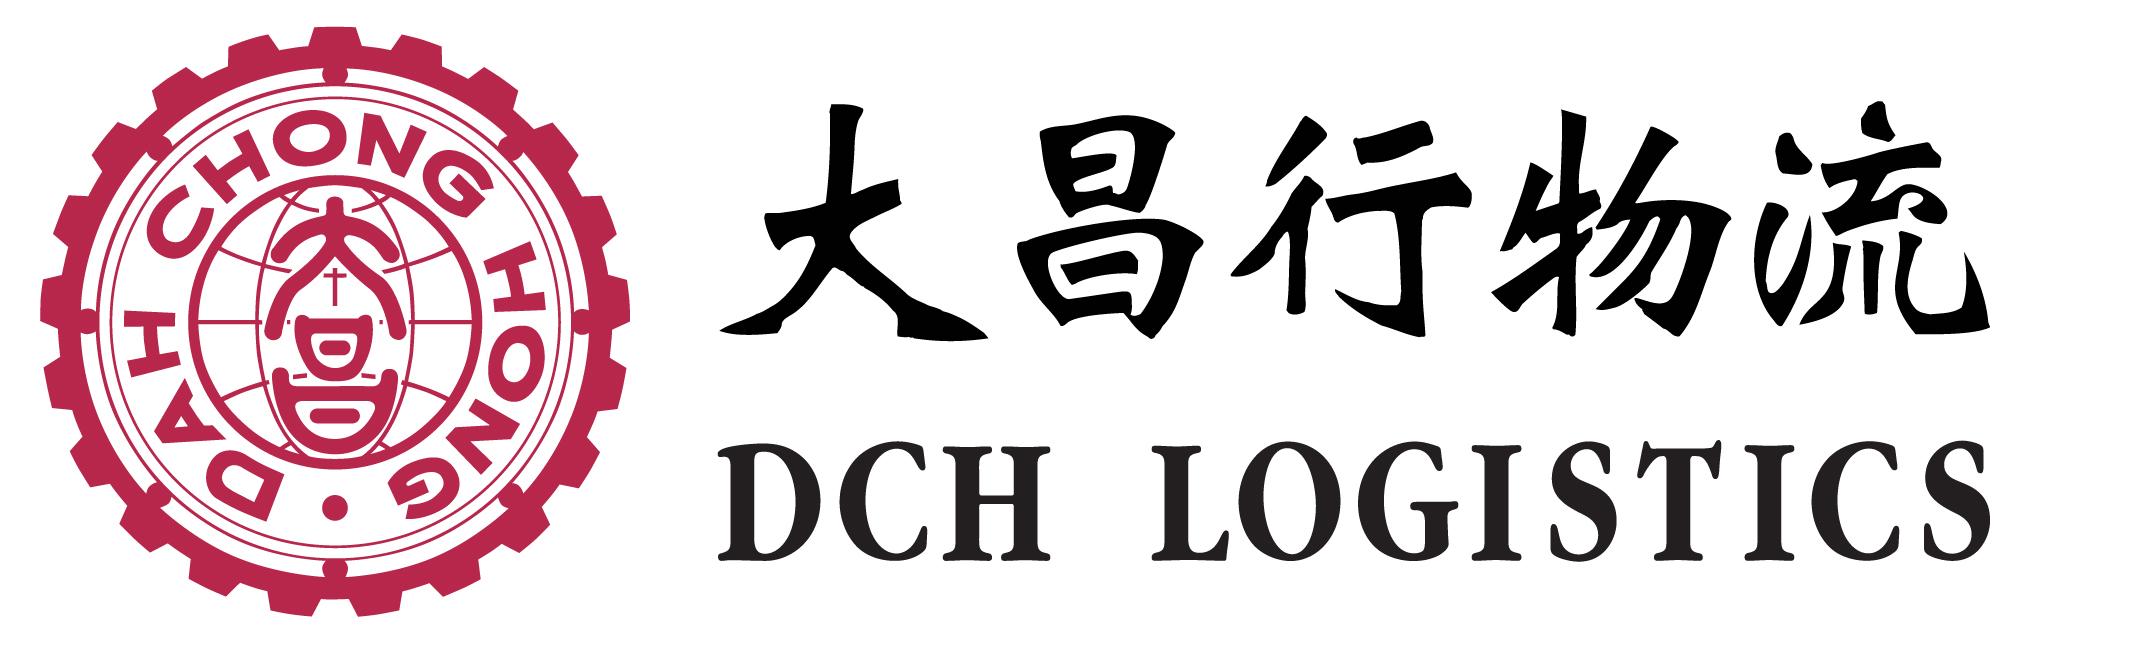 food scheme 2017 gold DCH Logistics